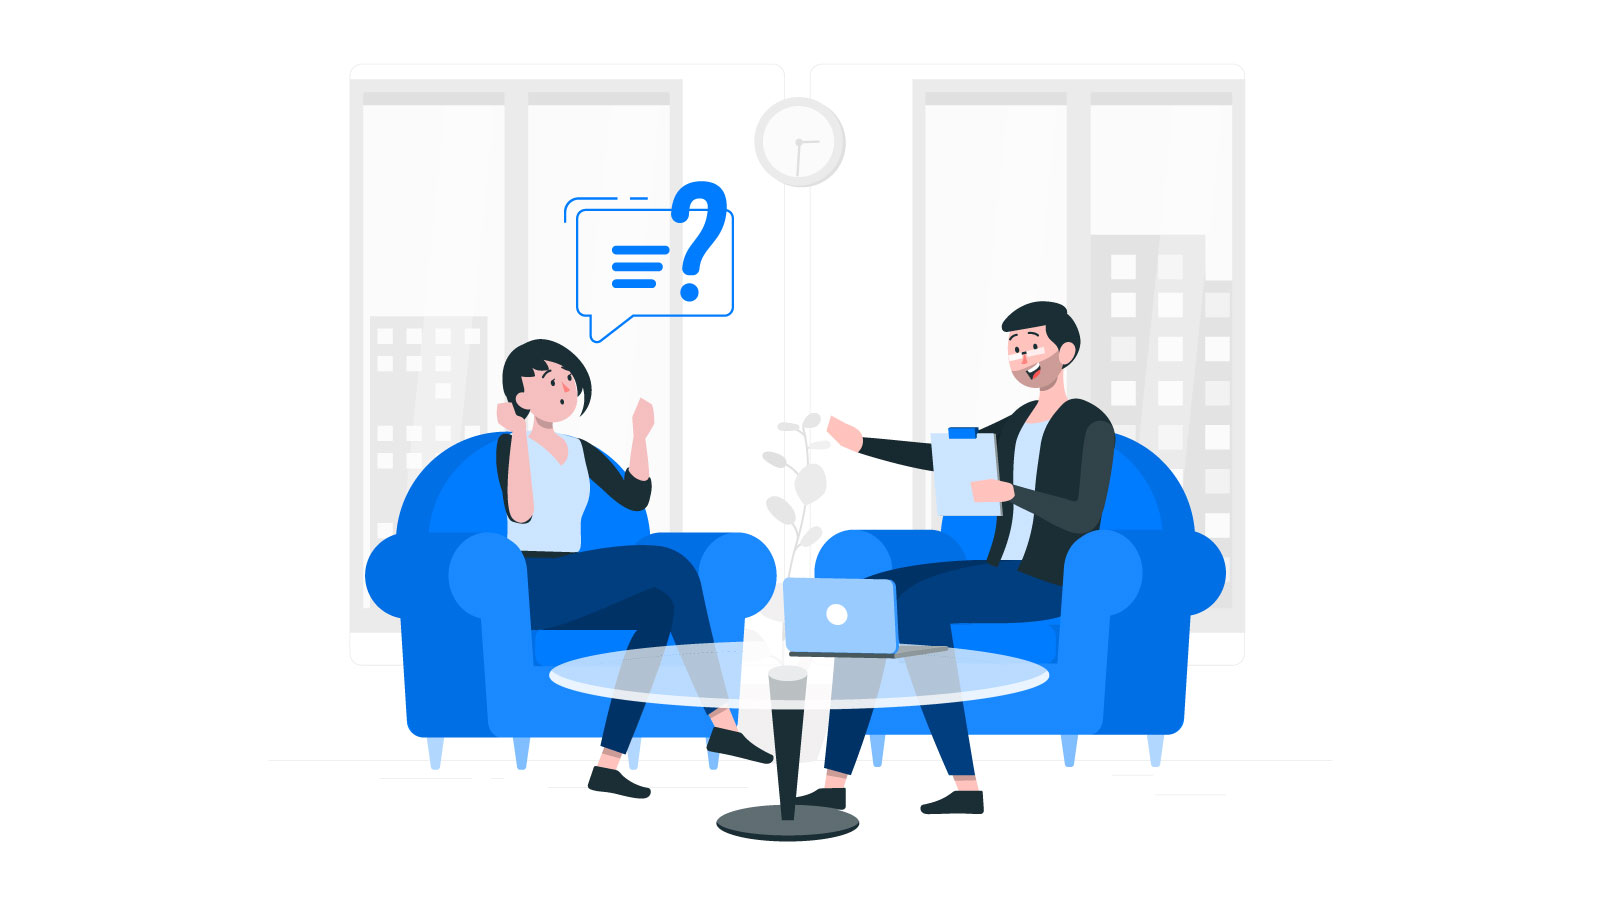 Pertanyaan dan Jawaban Wawancara untuk Kualifikasi Digital Marketing